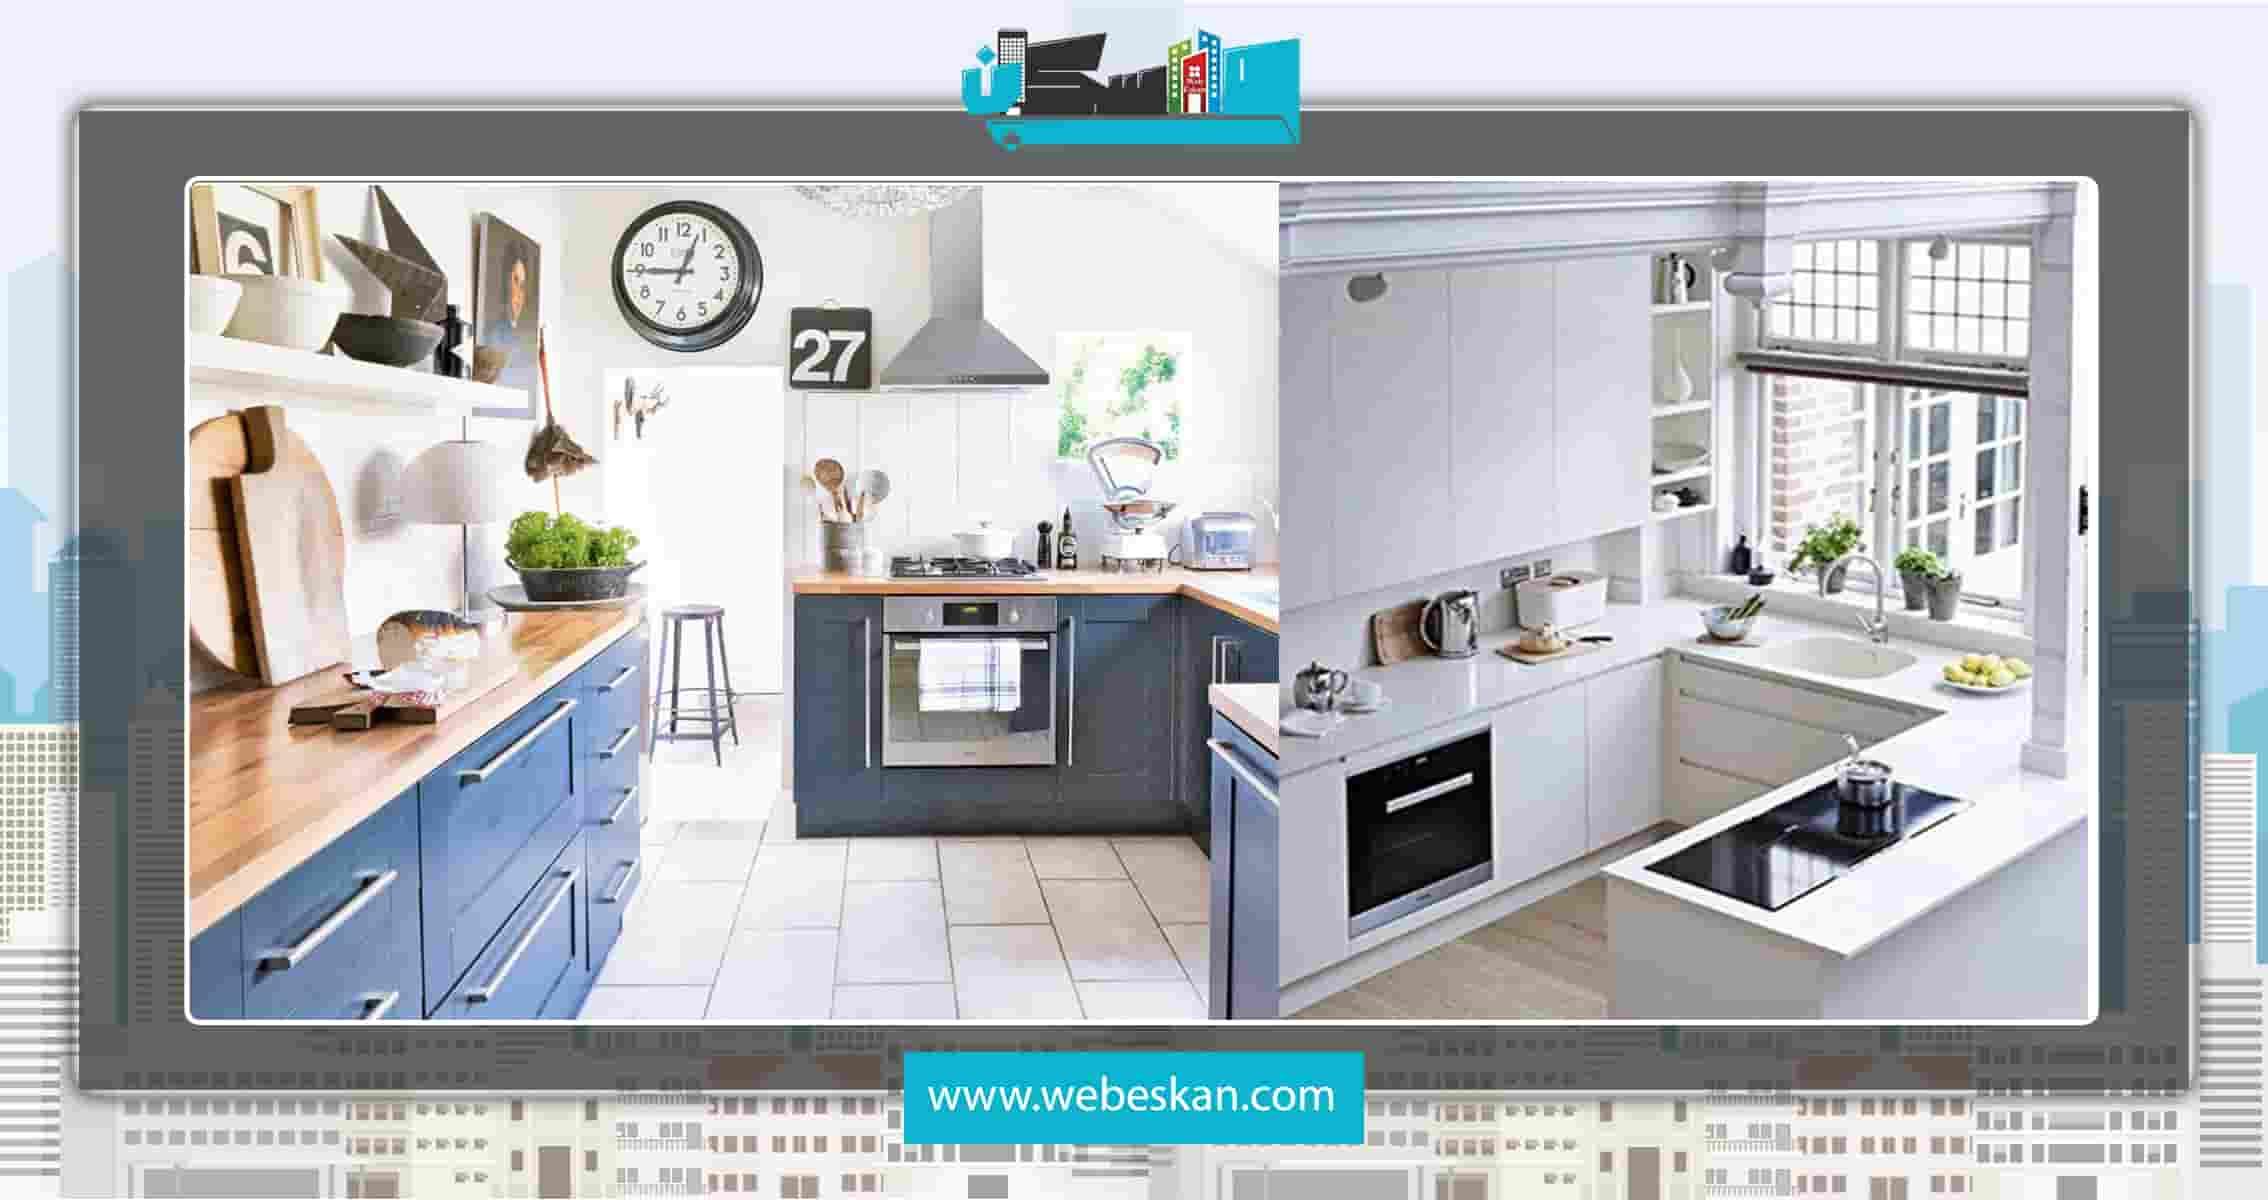 آشپز خانه های کوچک، یکی از معضلات واحد های ساختمانی